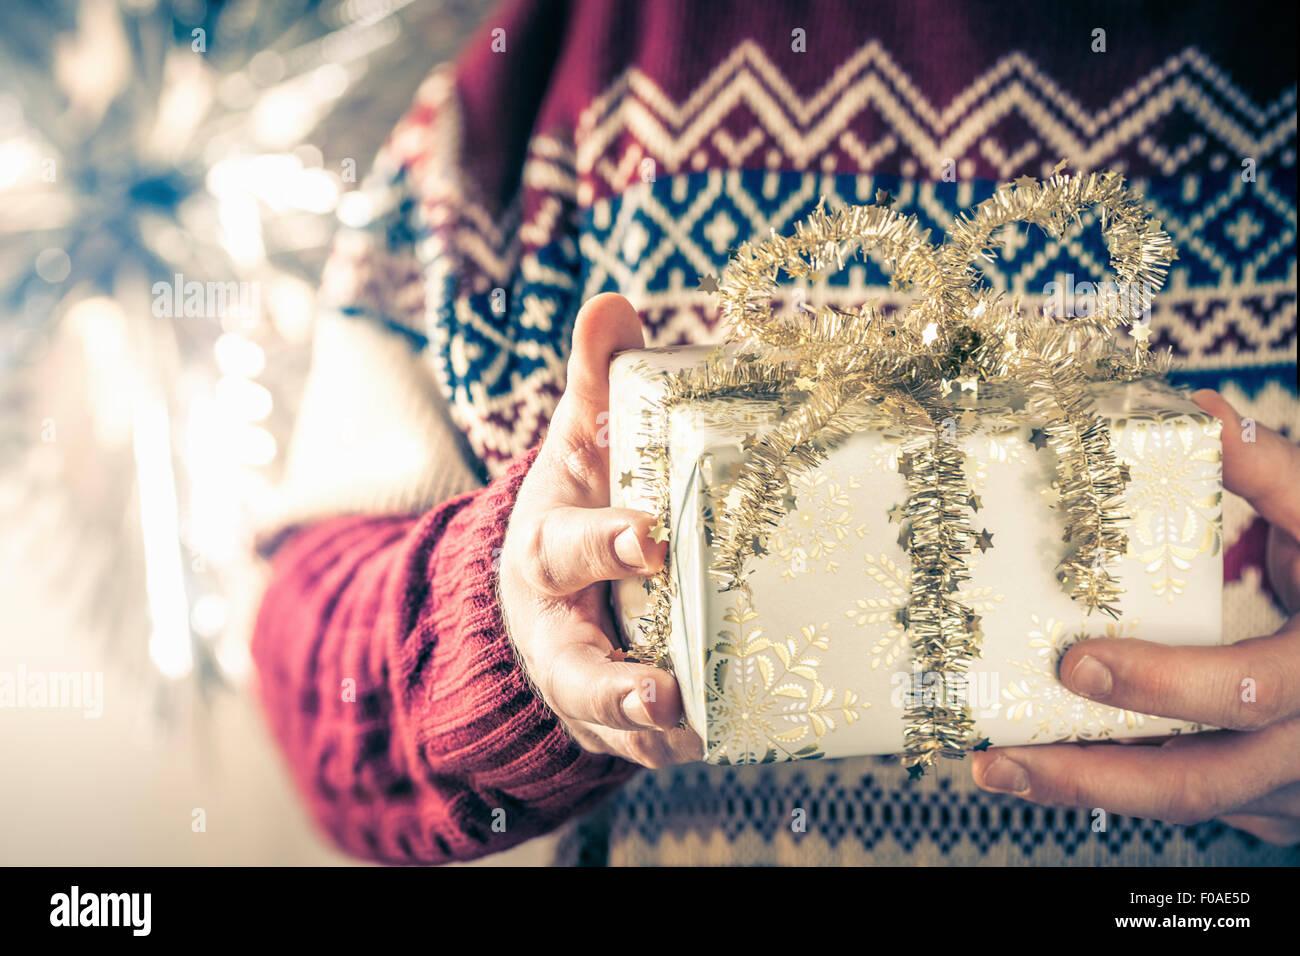 Persona sosteniendo el regalo de navidad Imagen De Stock